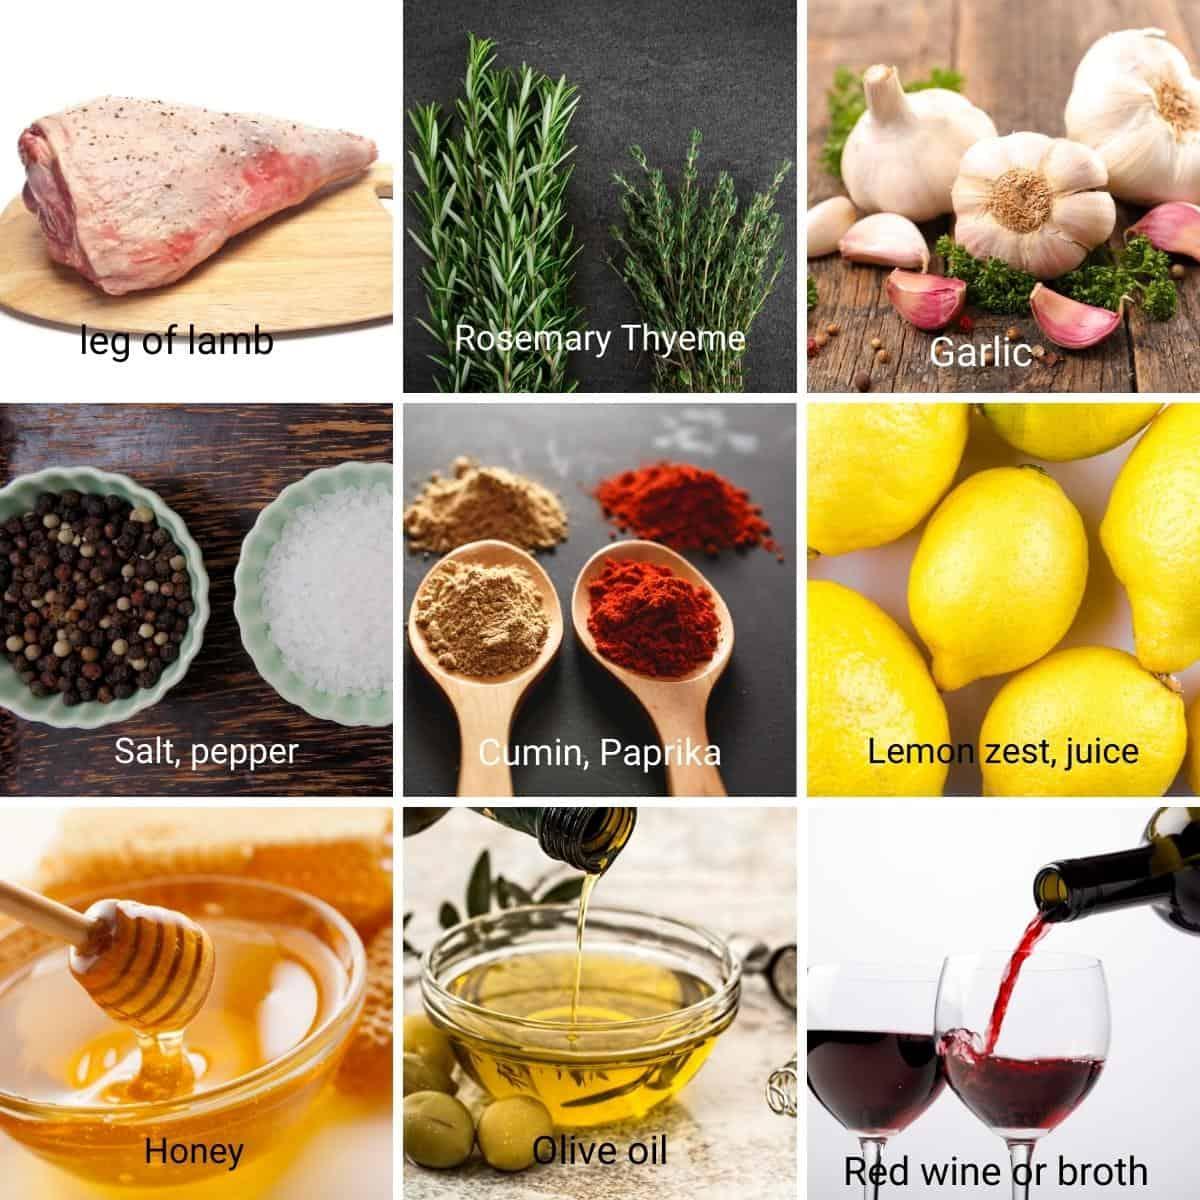 Ingredients for boneless leg of lamb.